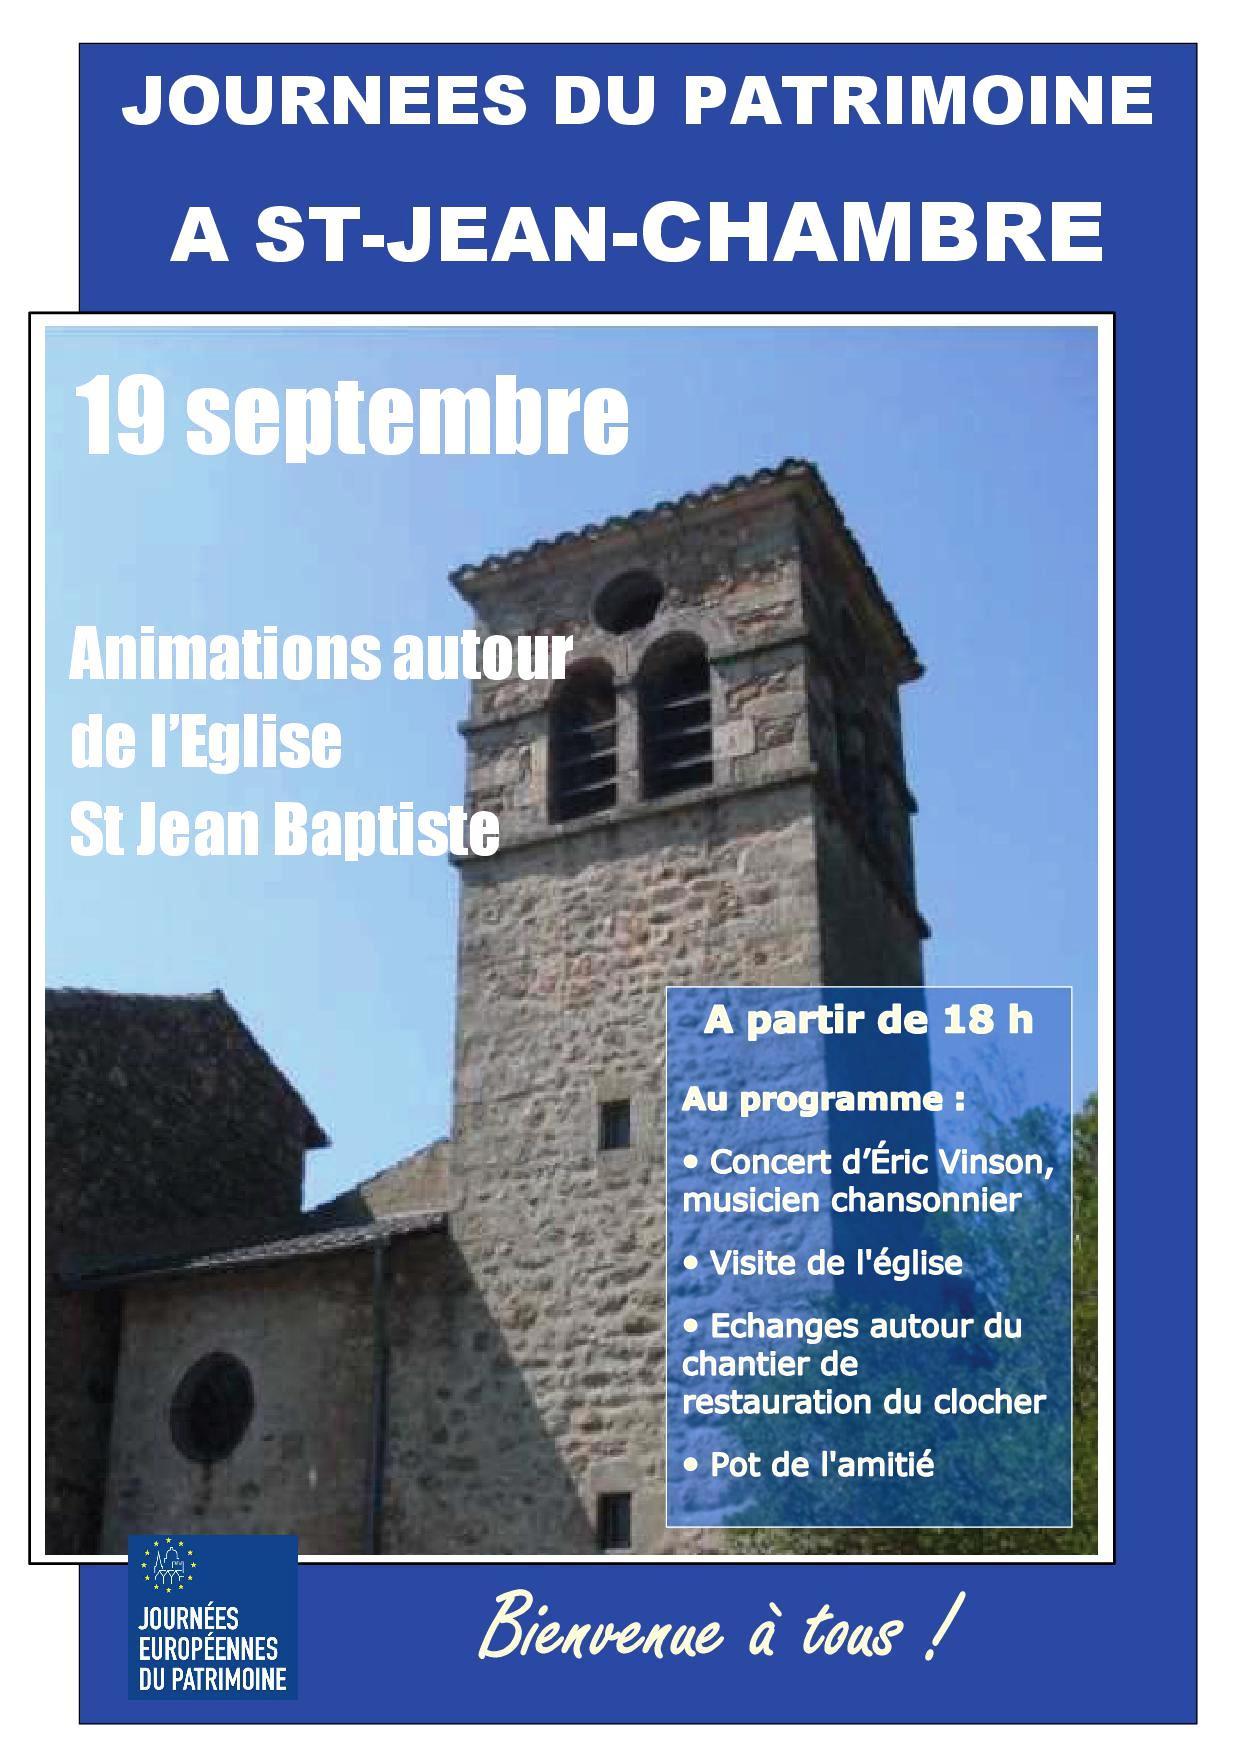 Alle leuke evenementen! : Journées européennes du patrimoine : animations autour de l'église Saint-Jean-Baptiste